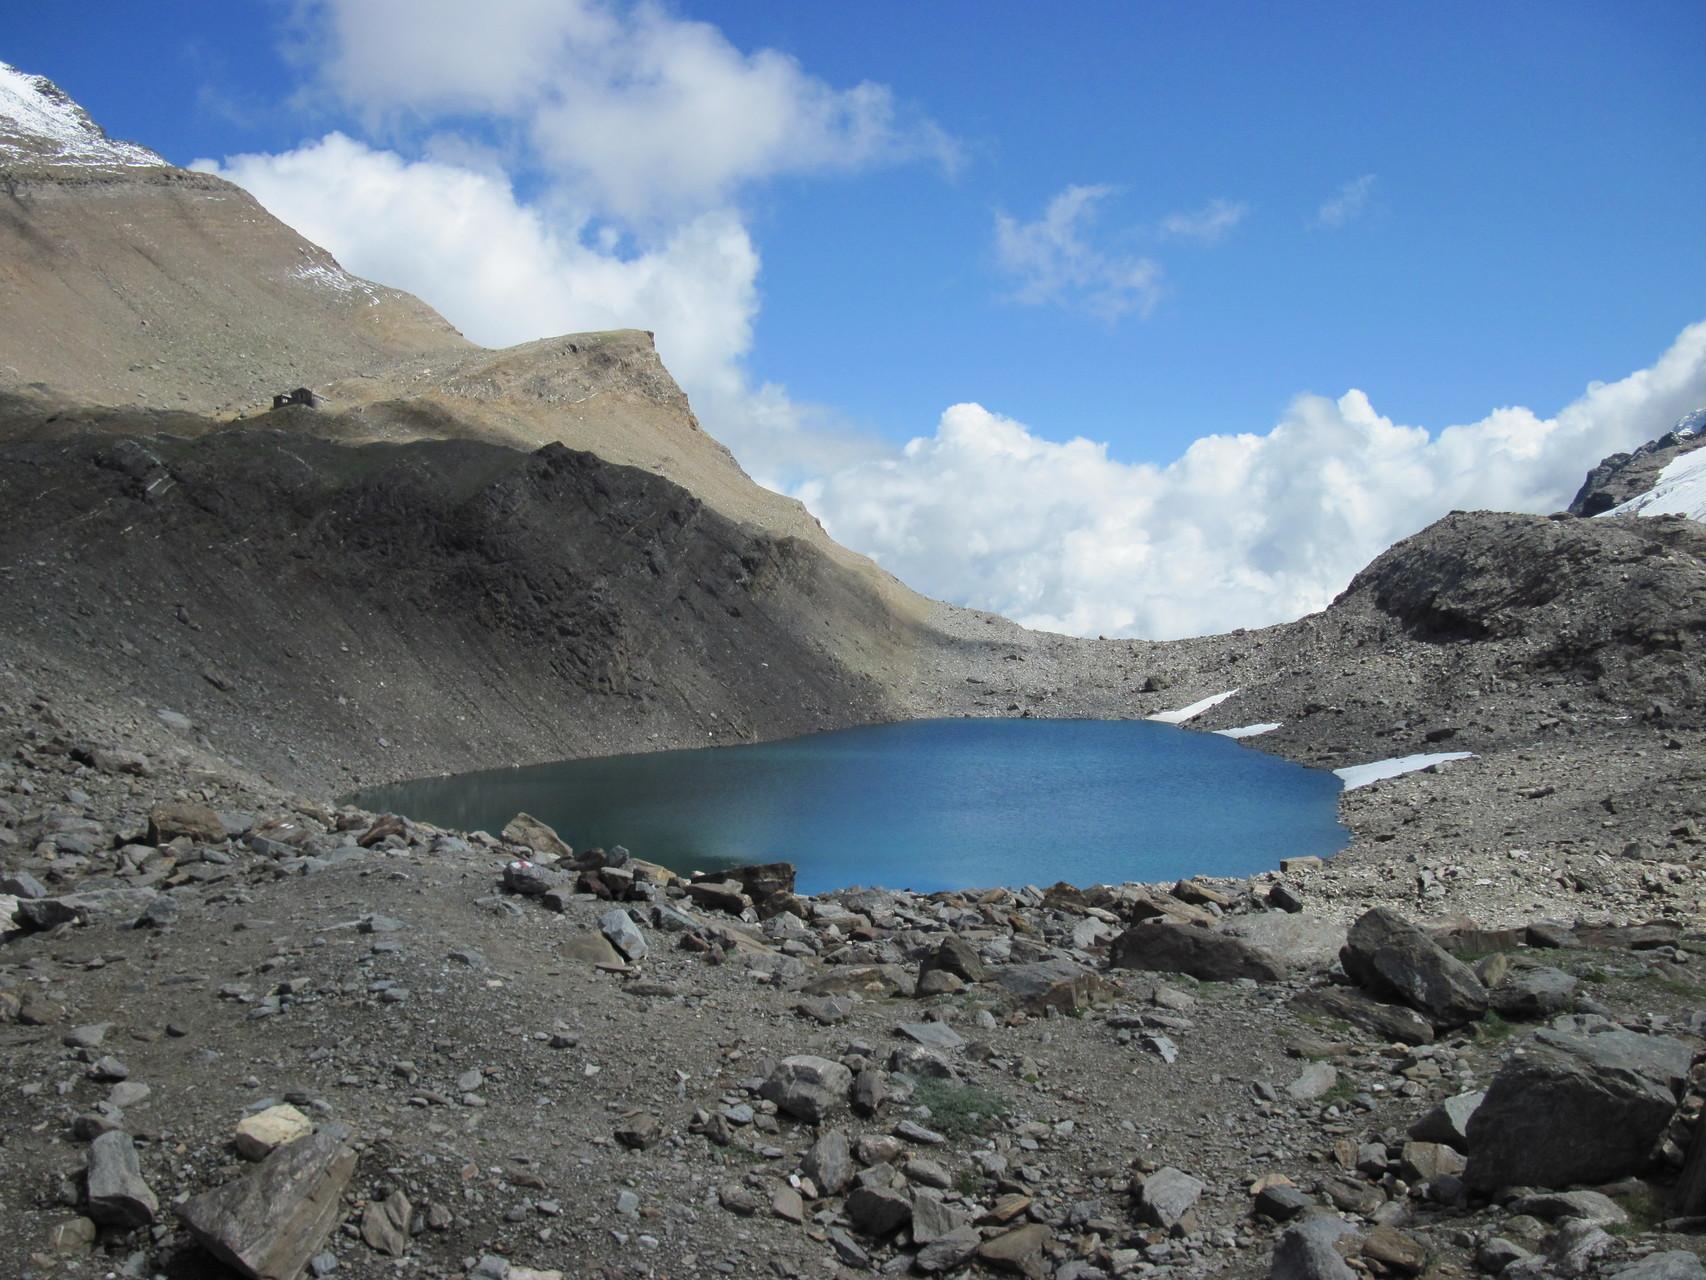 Chaltwassersee